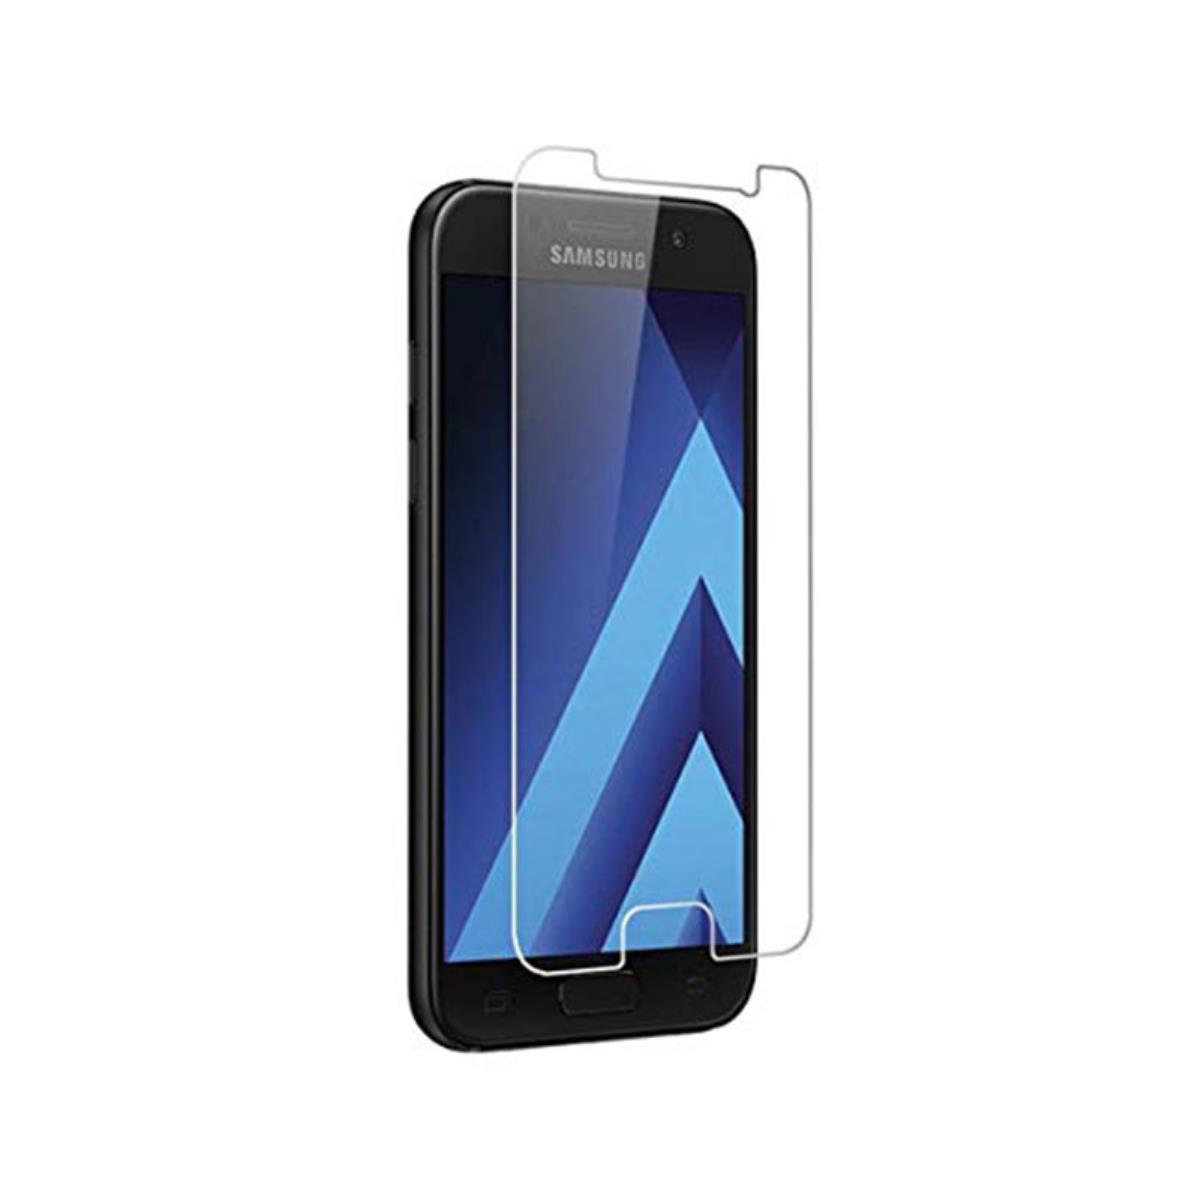 XIAOMI REDMI 5 PLUS 64GB/4GB DUAL SIM CINZENTO